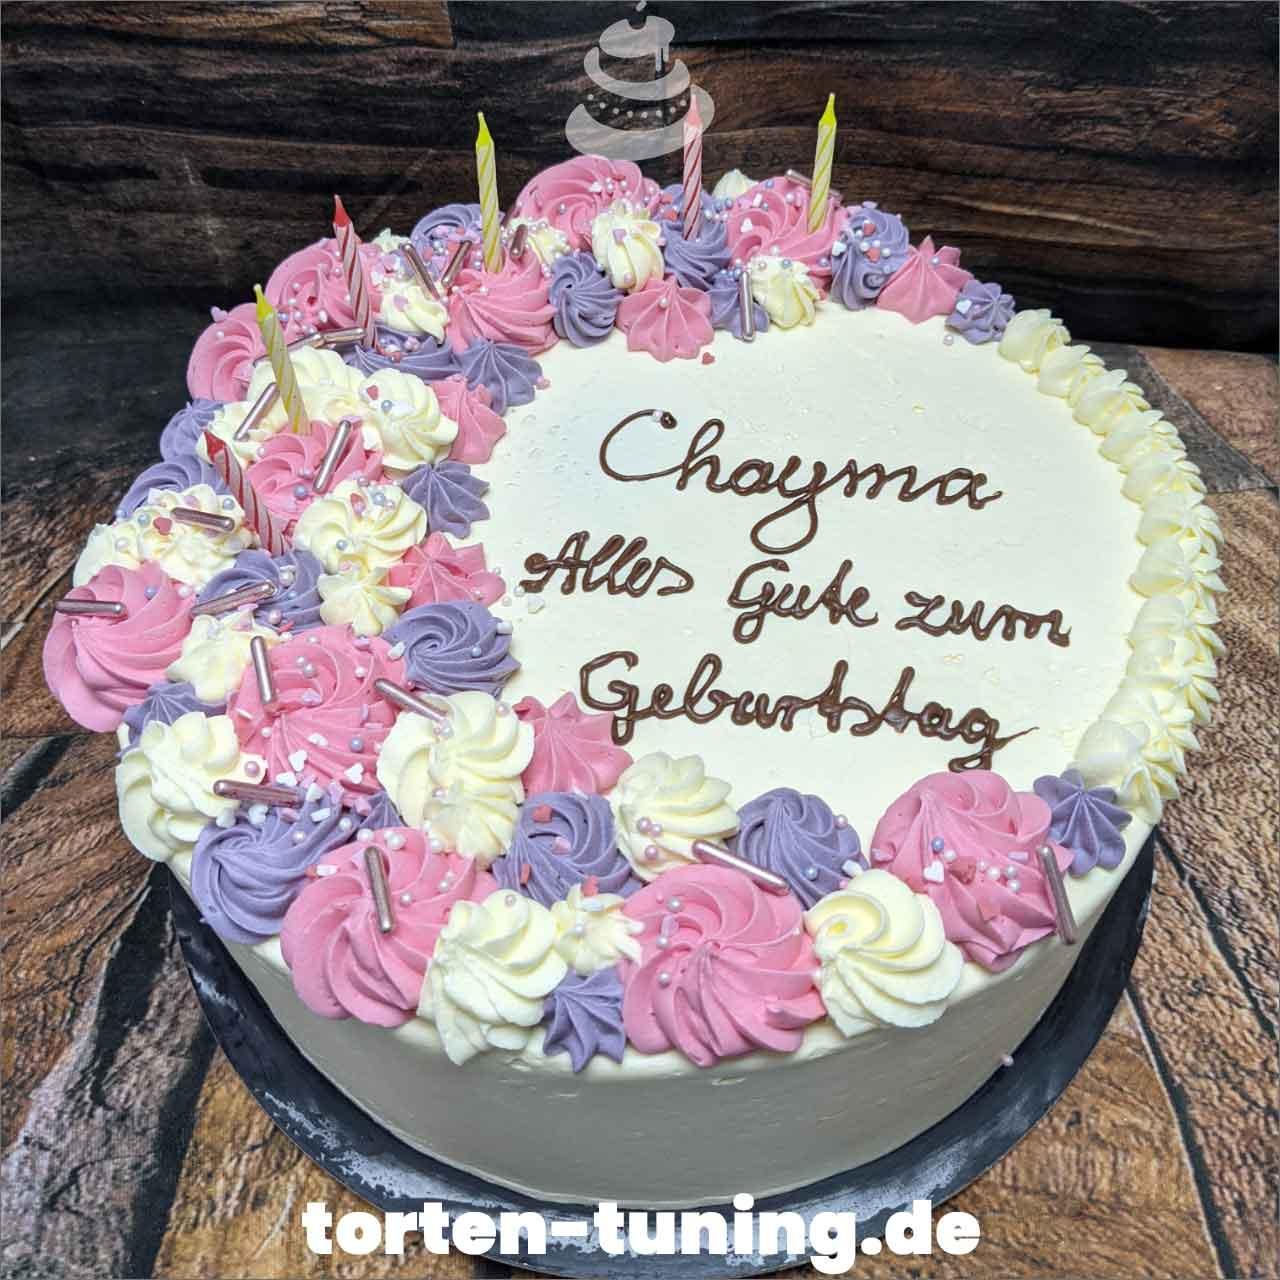 Spritzdekor rosa lila weiß Dripcake Obsttorte Geburtstagstorte Motivtorte Torte Tortendekoration Torte online bestellen Suhl Thüringen Torten Tuning Sahnetorte Tortenfiguren Cake Topper